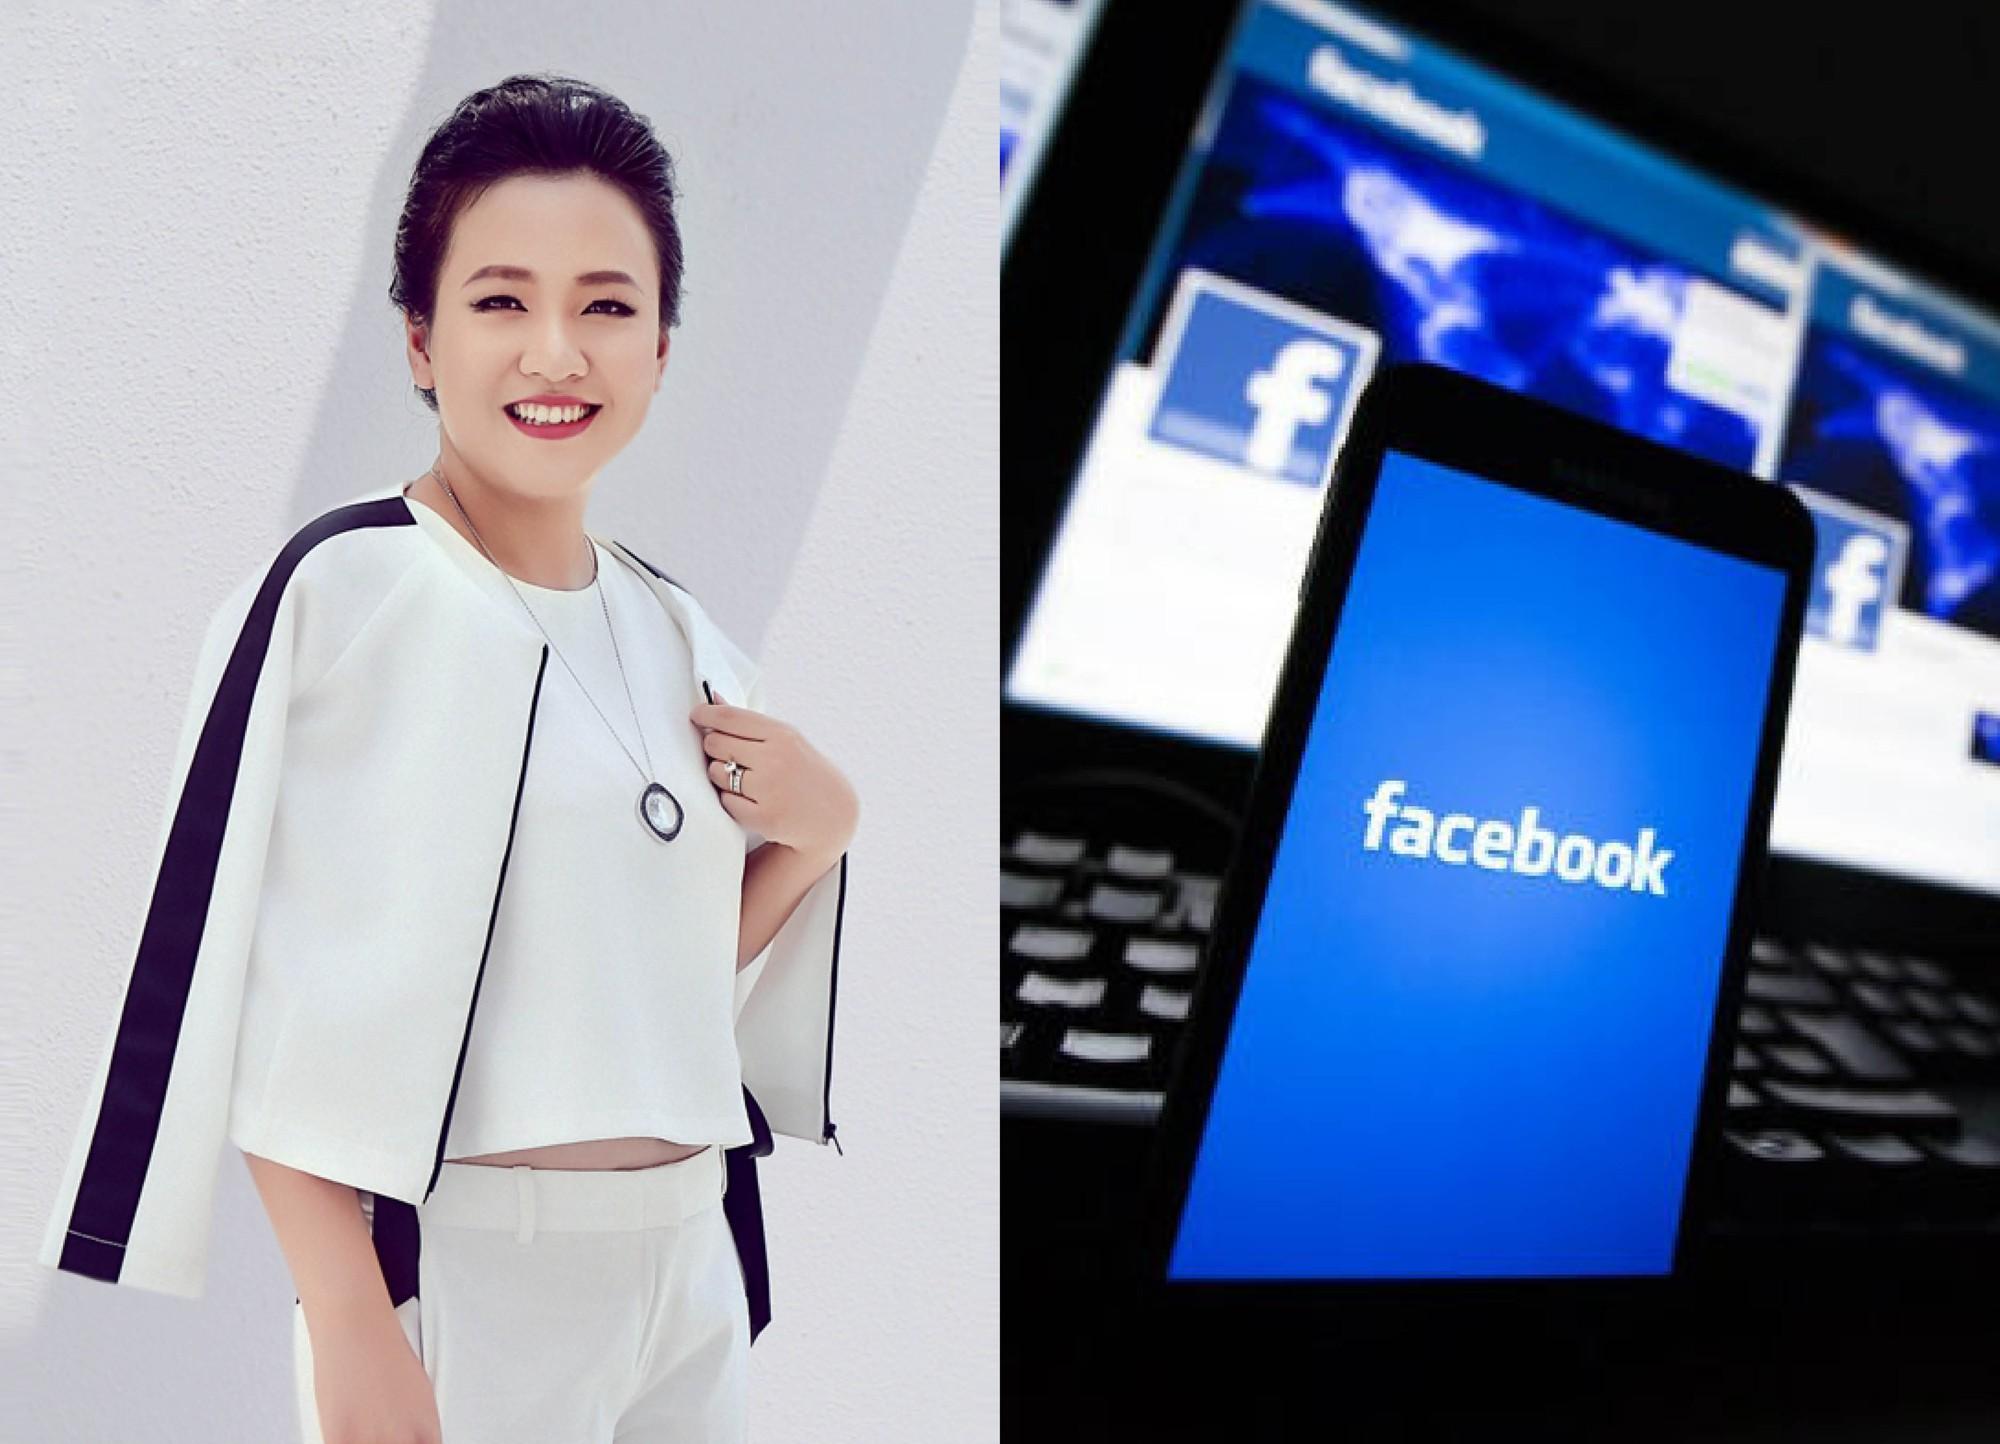 Lê Diệp Kiều Trang sẽ rời vị trí giám đốc Facebook Việt Nam vì không sắp xếp được công việc gia đình - Ảnh 1.